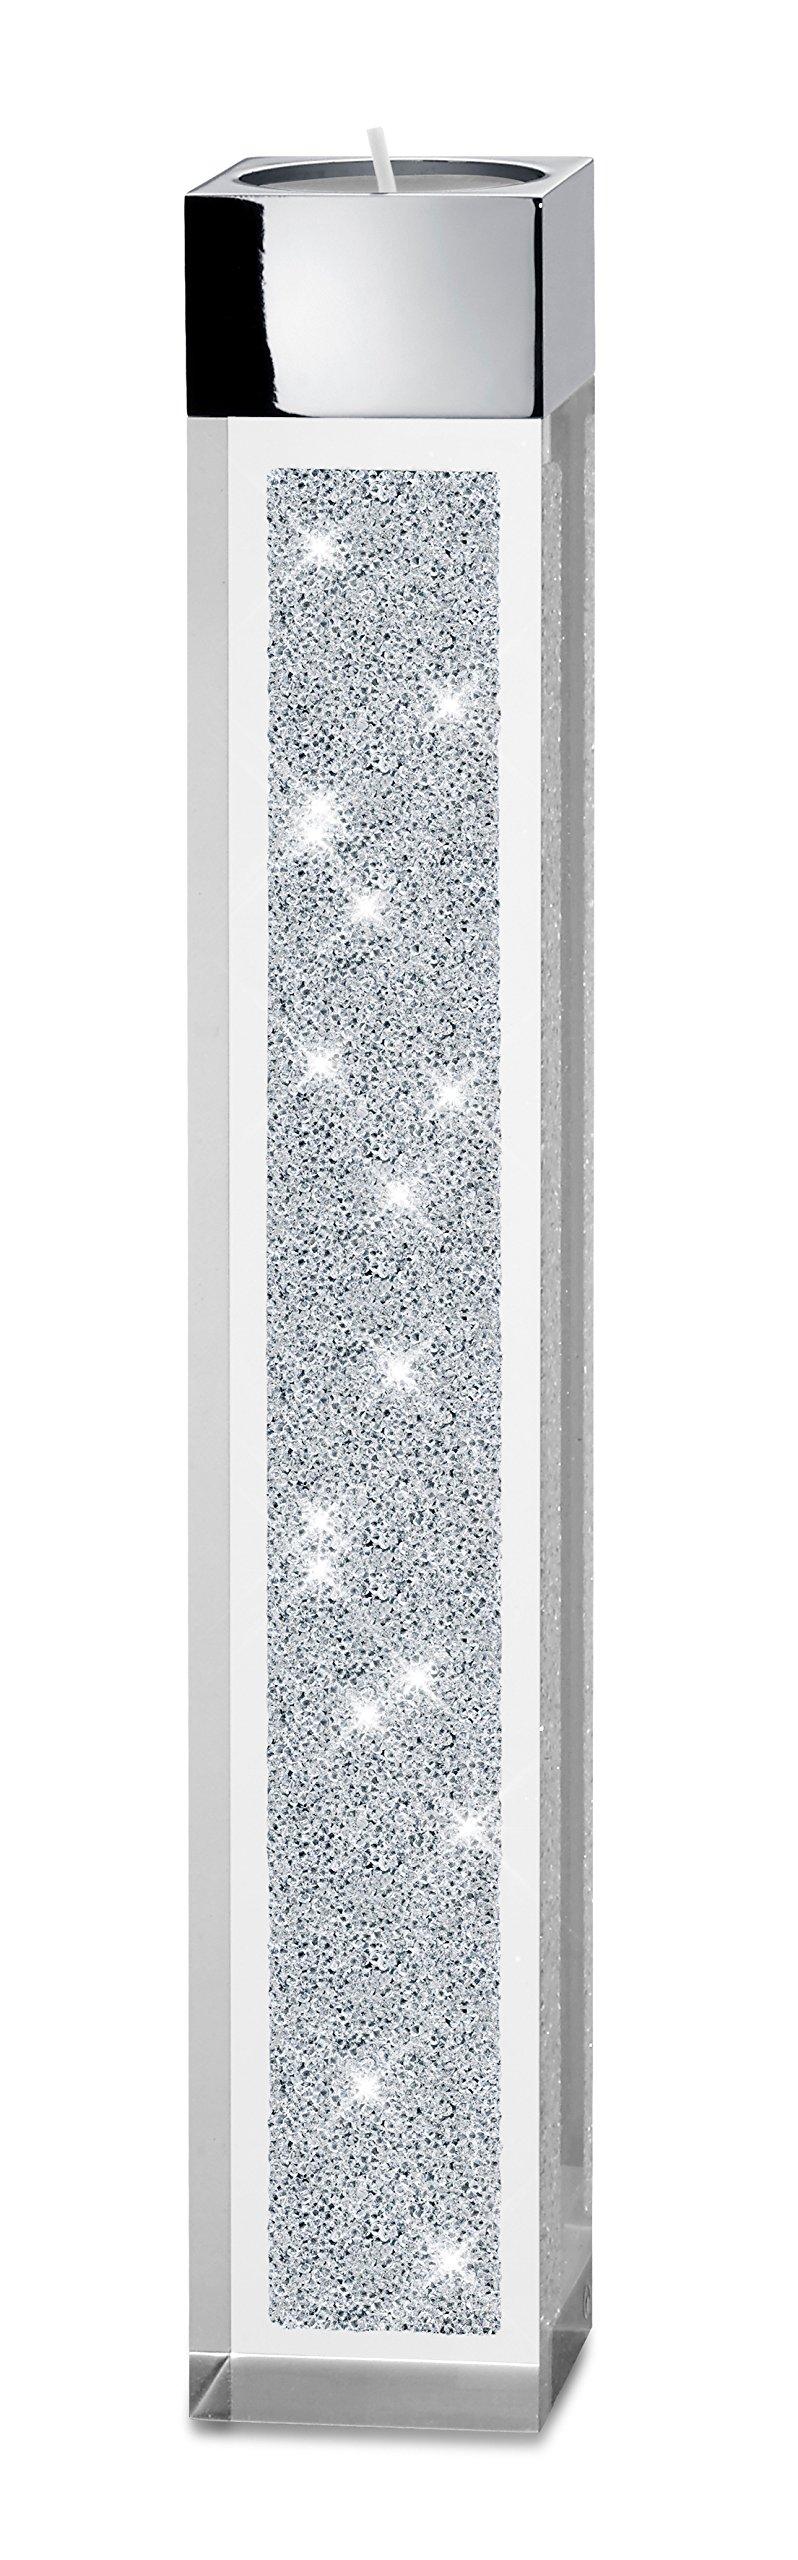 bougeoir pyl ne moderne pour bougies chauffe plat avec cristaux swarovski elements inspid co. Black Bedroom Furniture Sets. Home Design Ideas